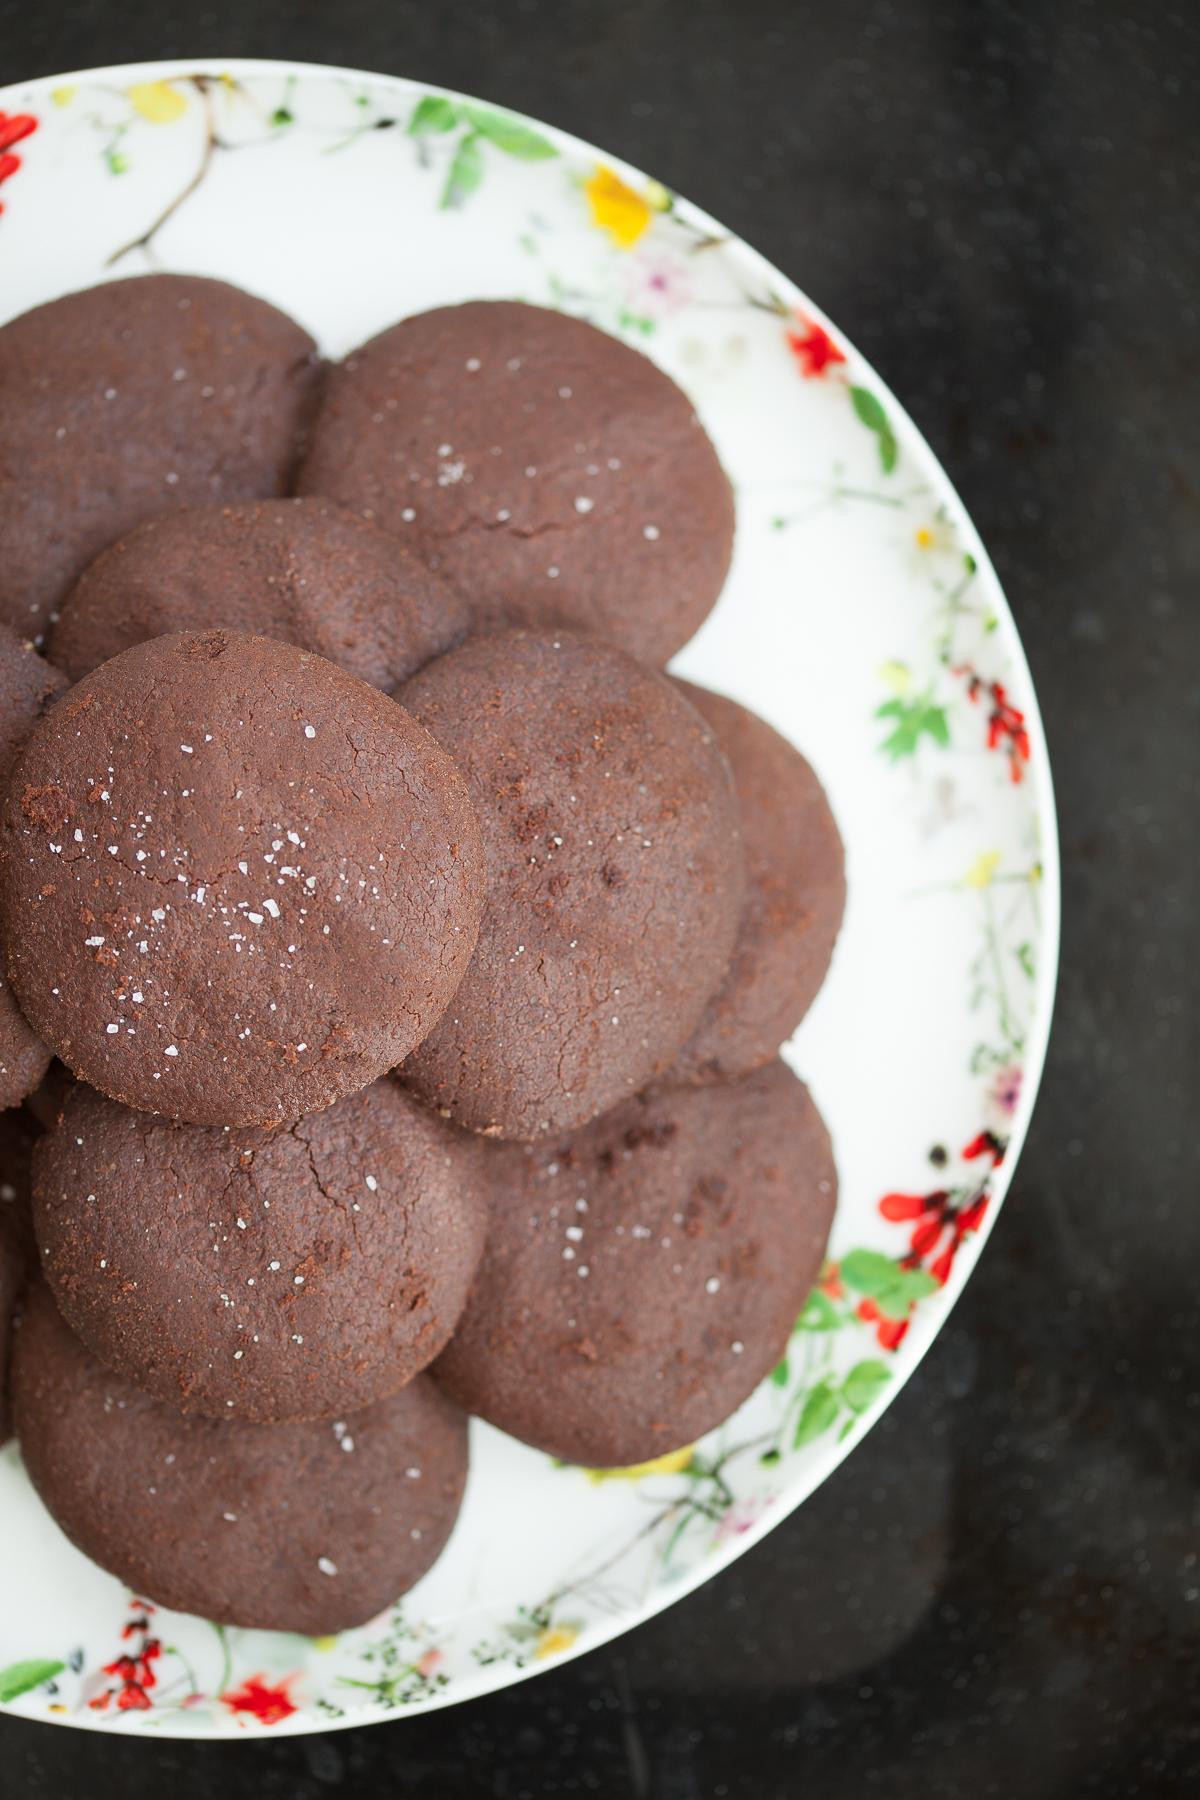 biscotti al cioccolato fondente e sale